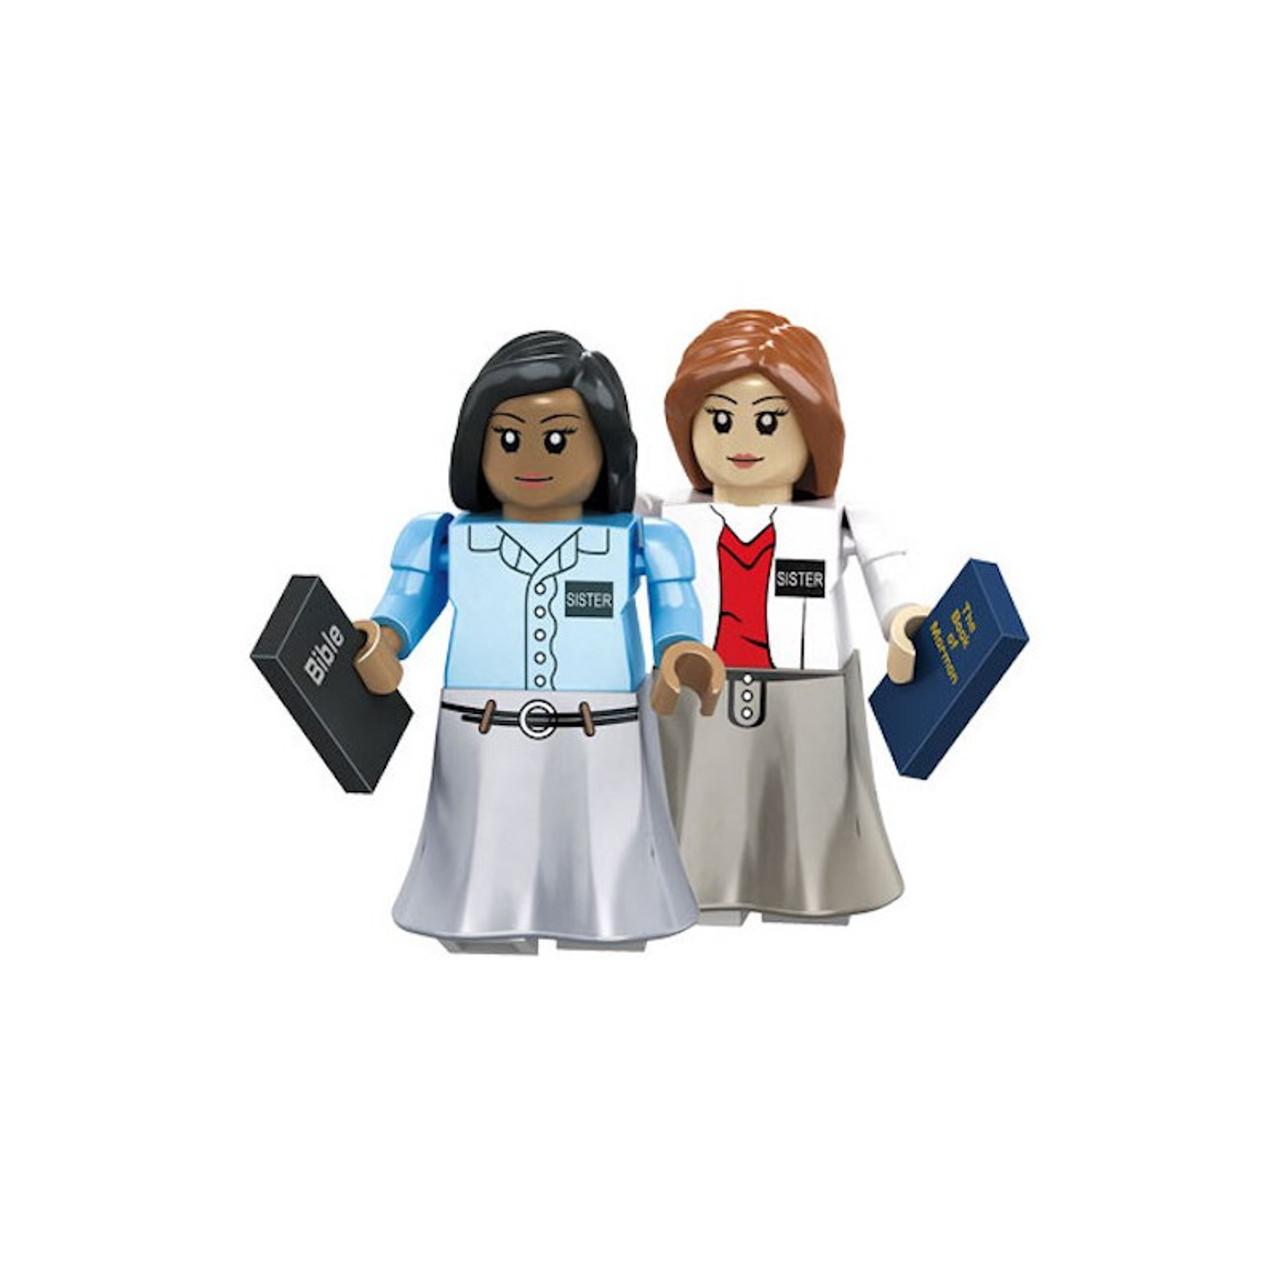 Brick Set Figures - Sister Missionaries*